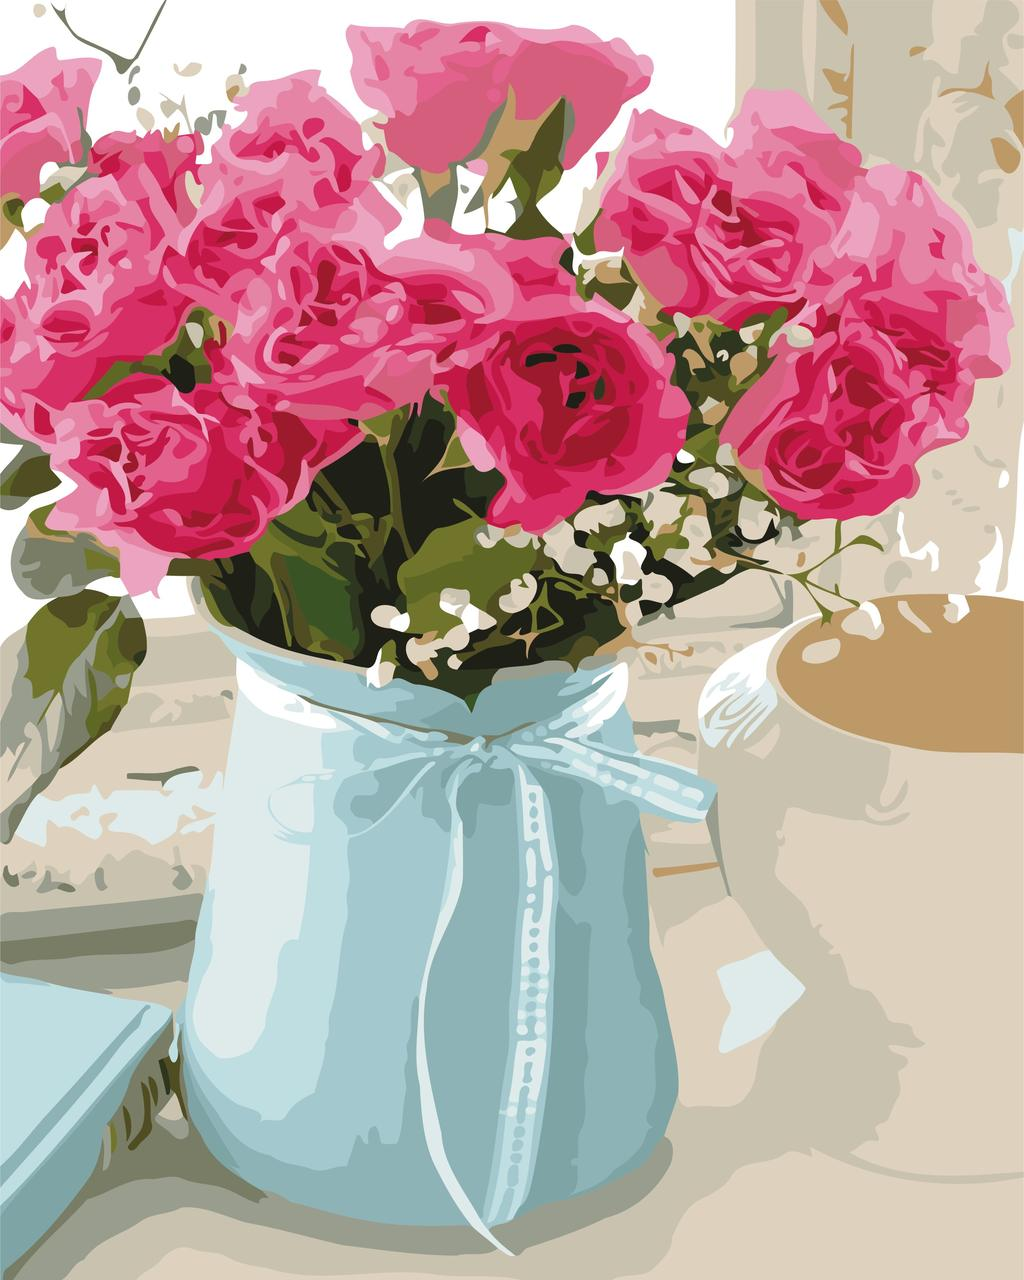 AS0521 Картина-набор по номерам Розовые розы, В картонной коробке